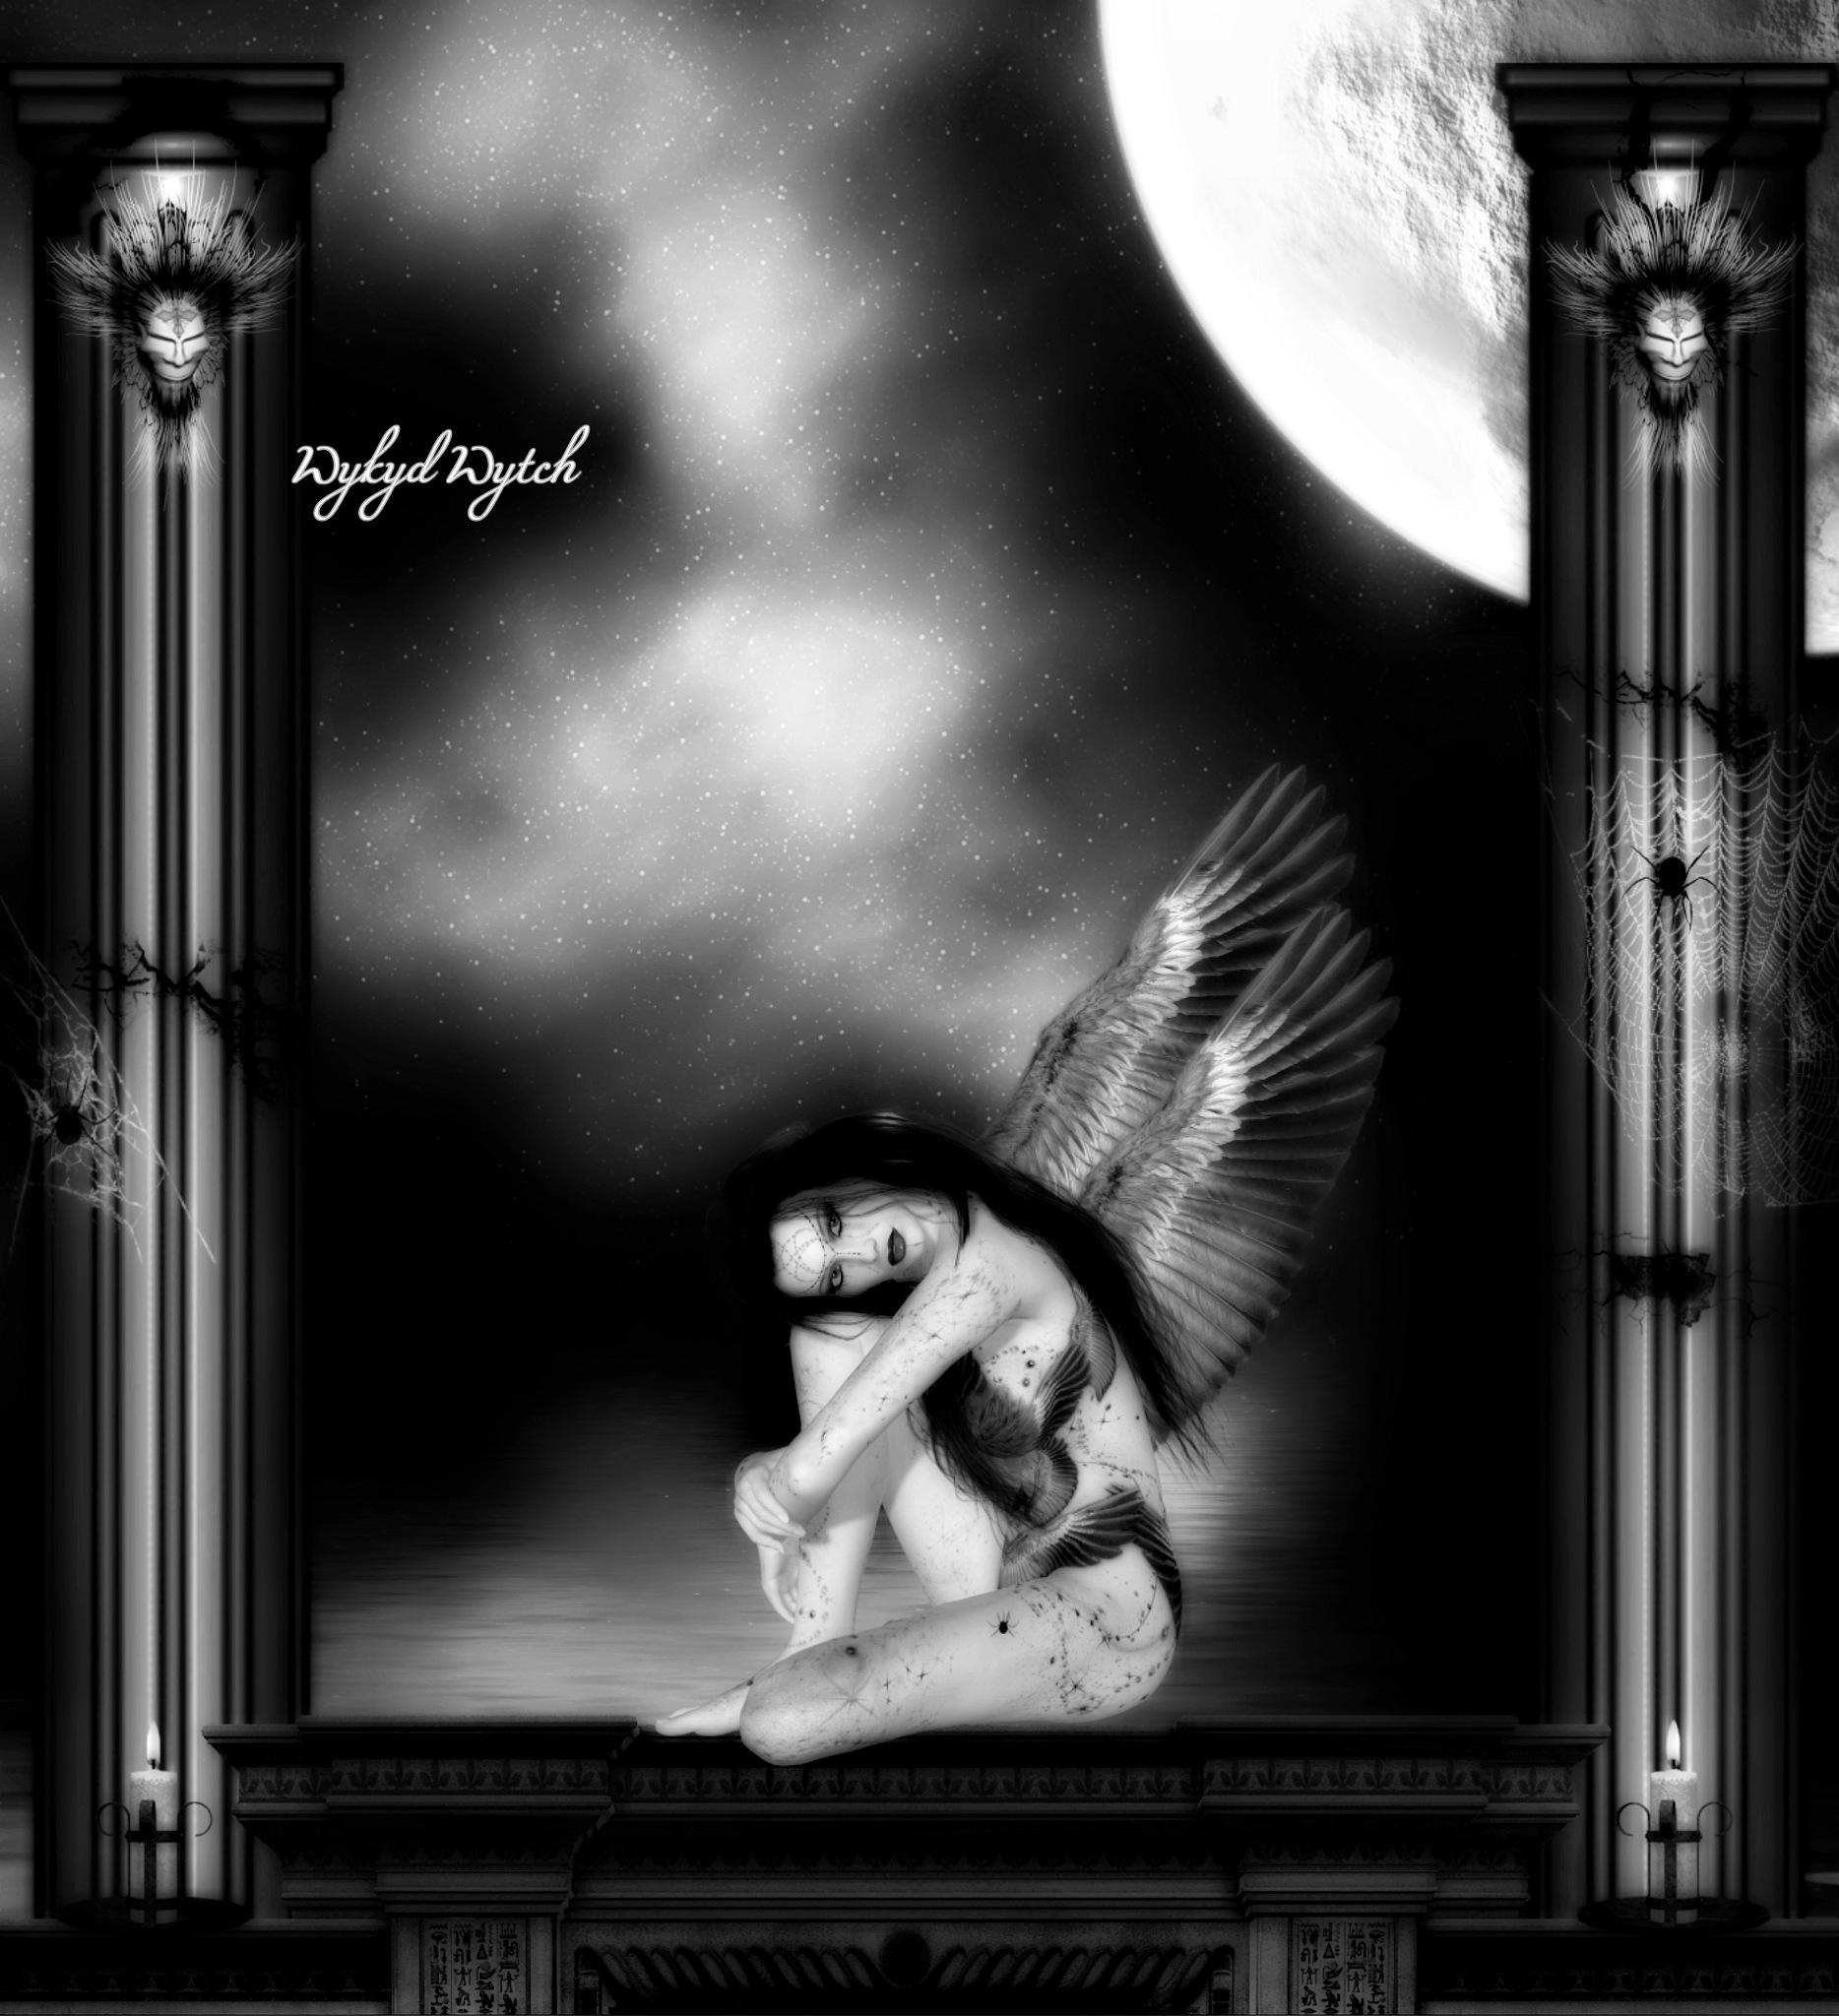 Angel of Sorrow by Emerald City Digital